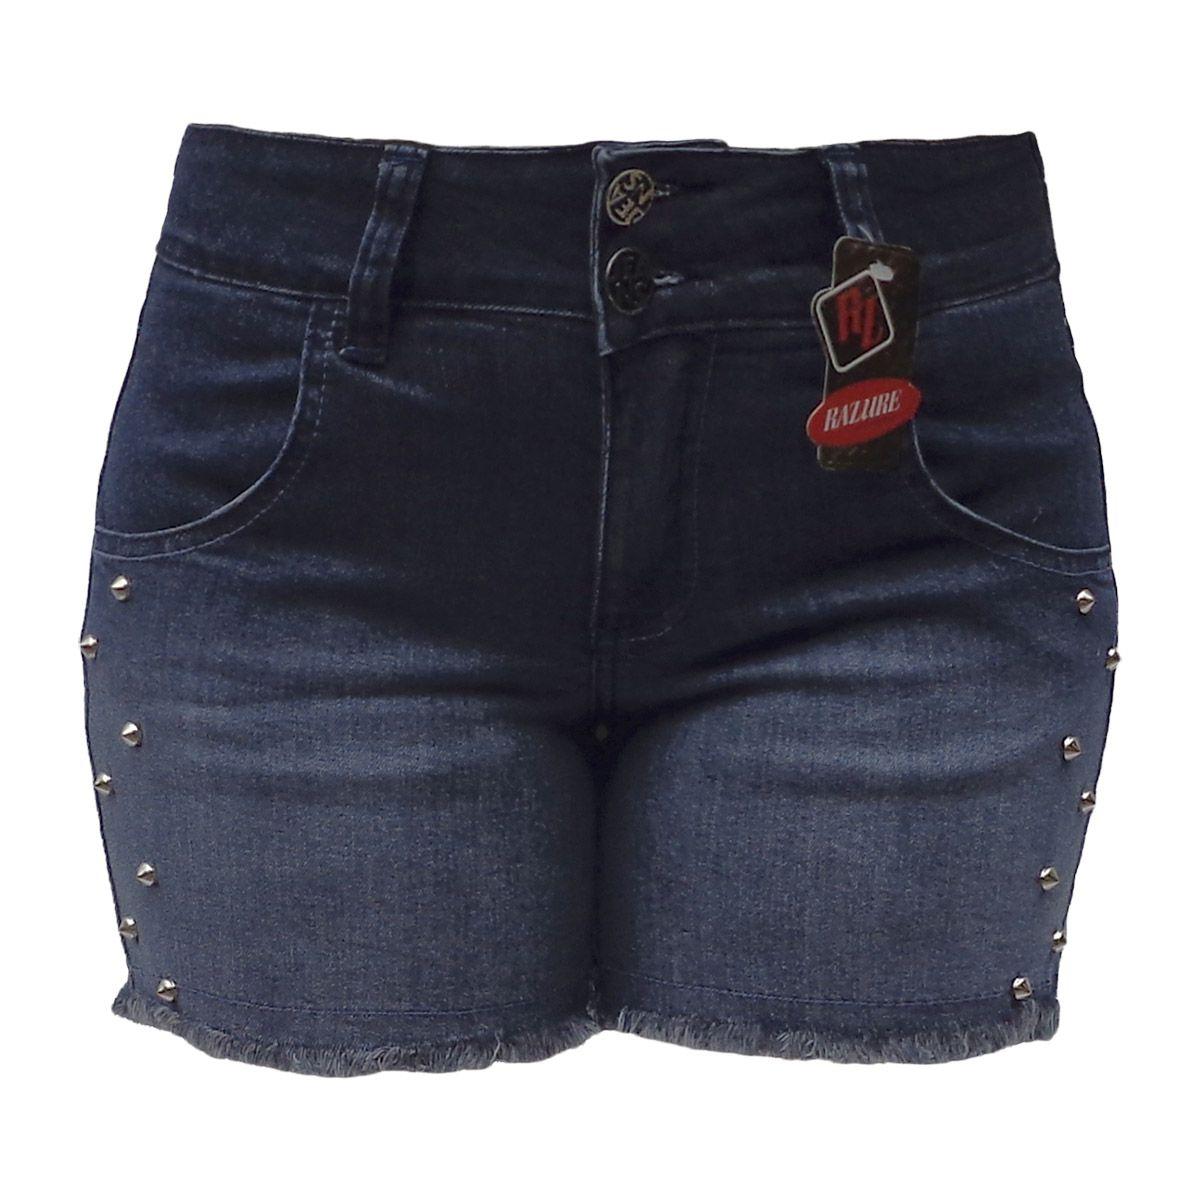 Short Jeans Degradê Com Spike Tamanho 38